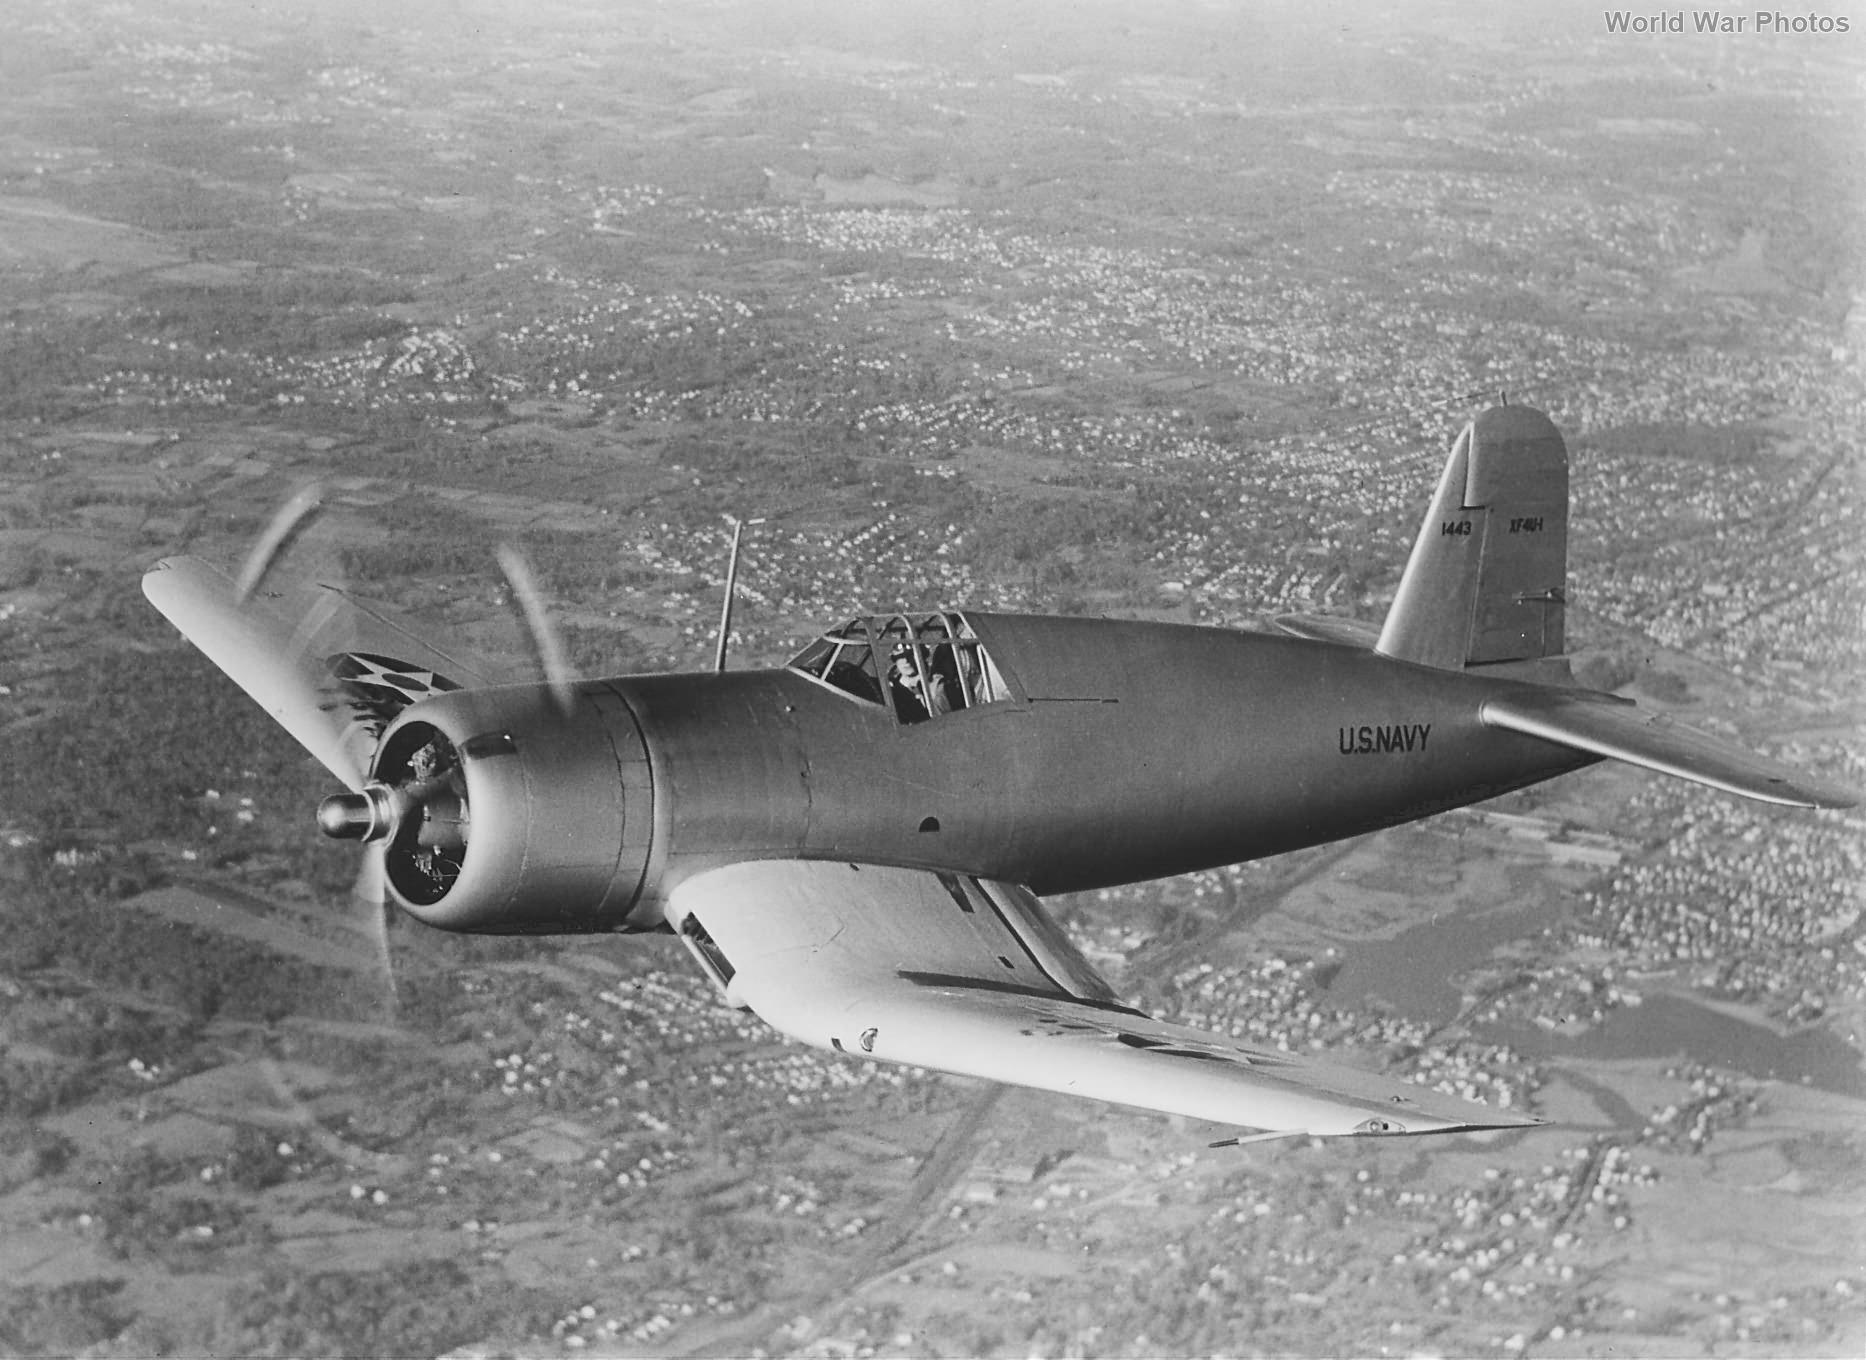 XF4U-1 Prototype